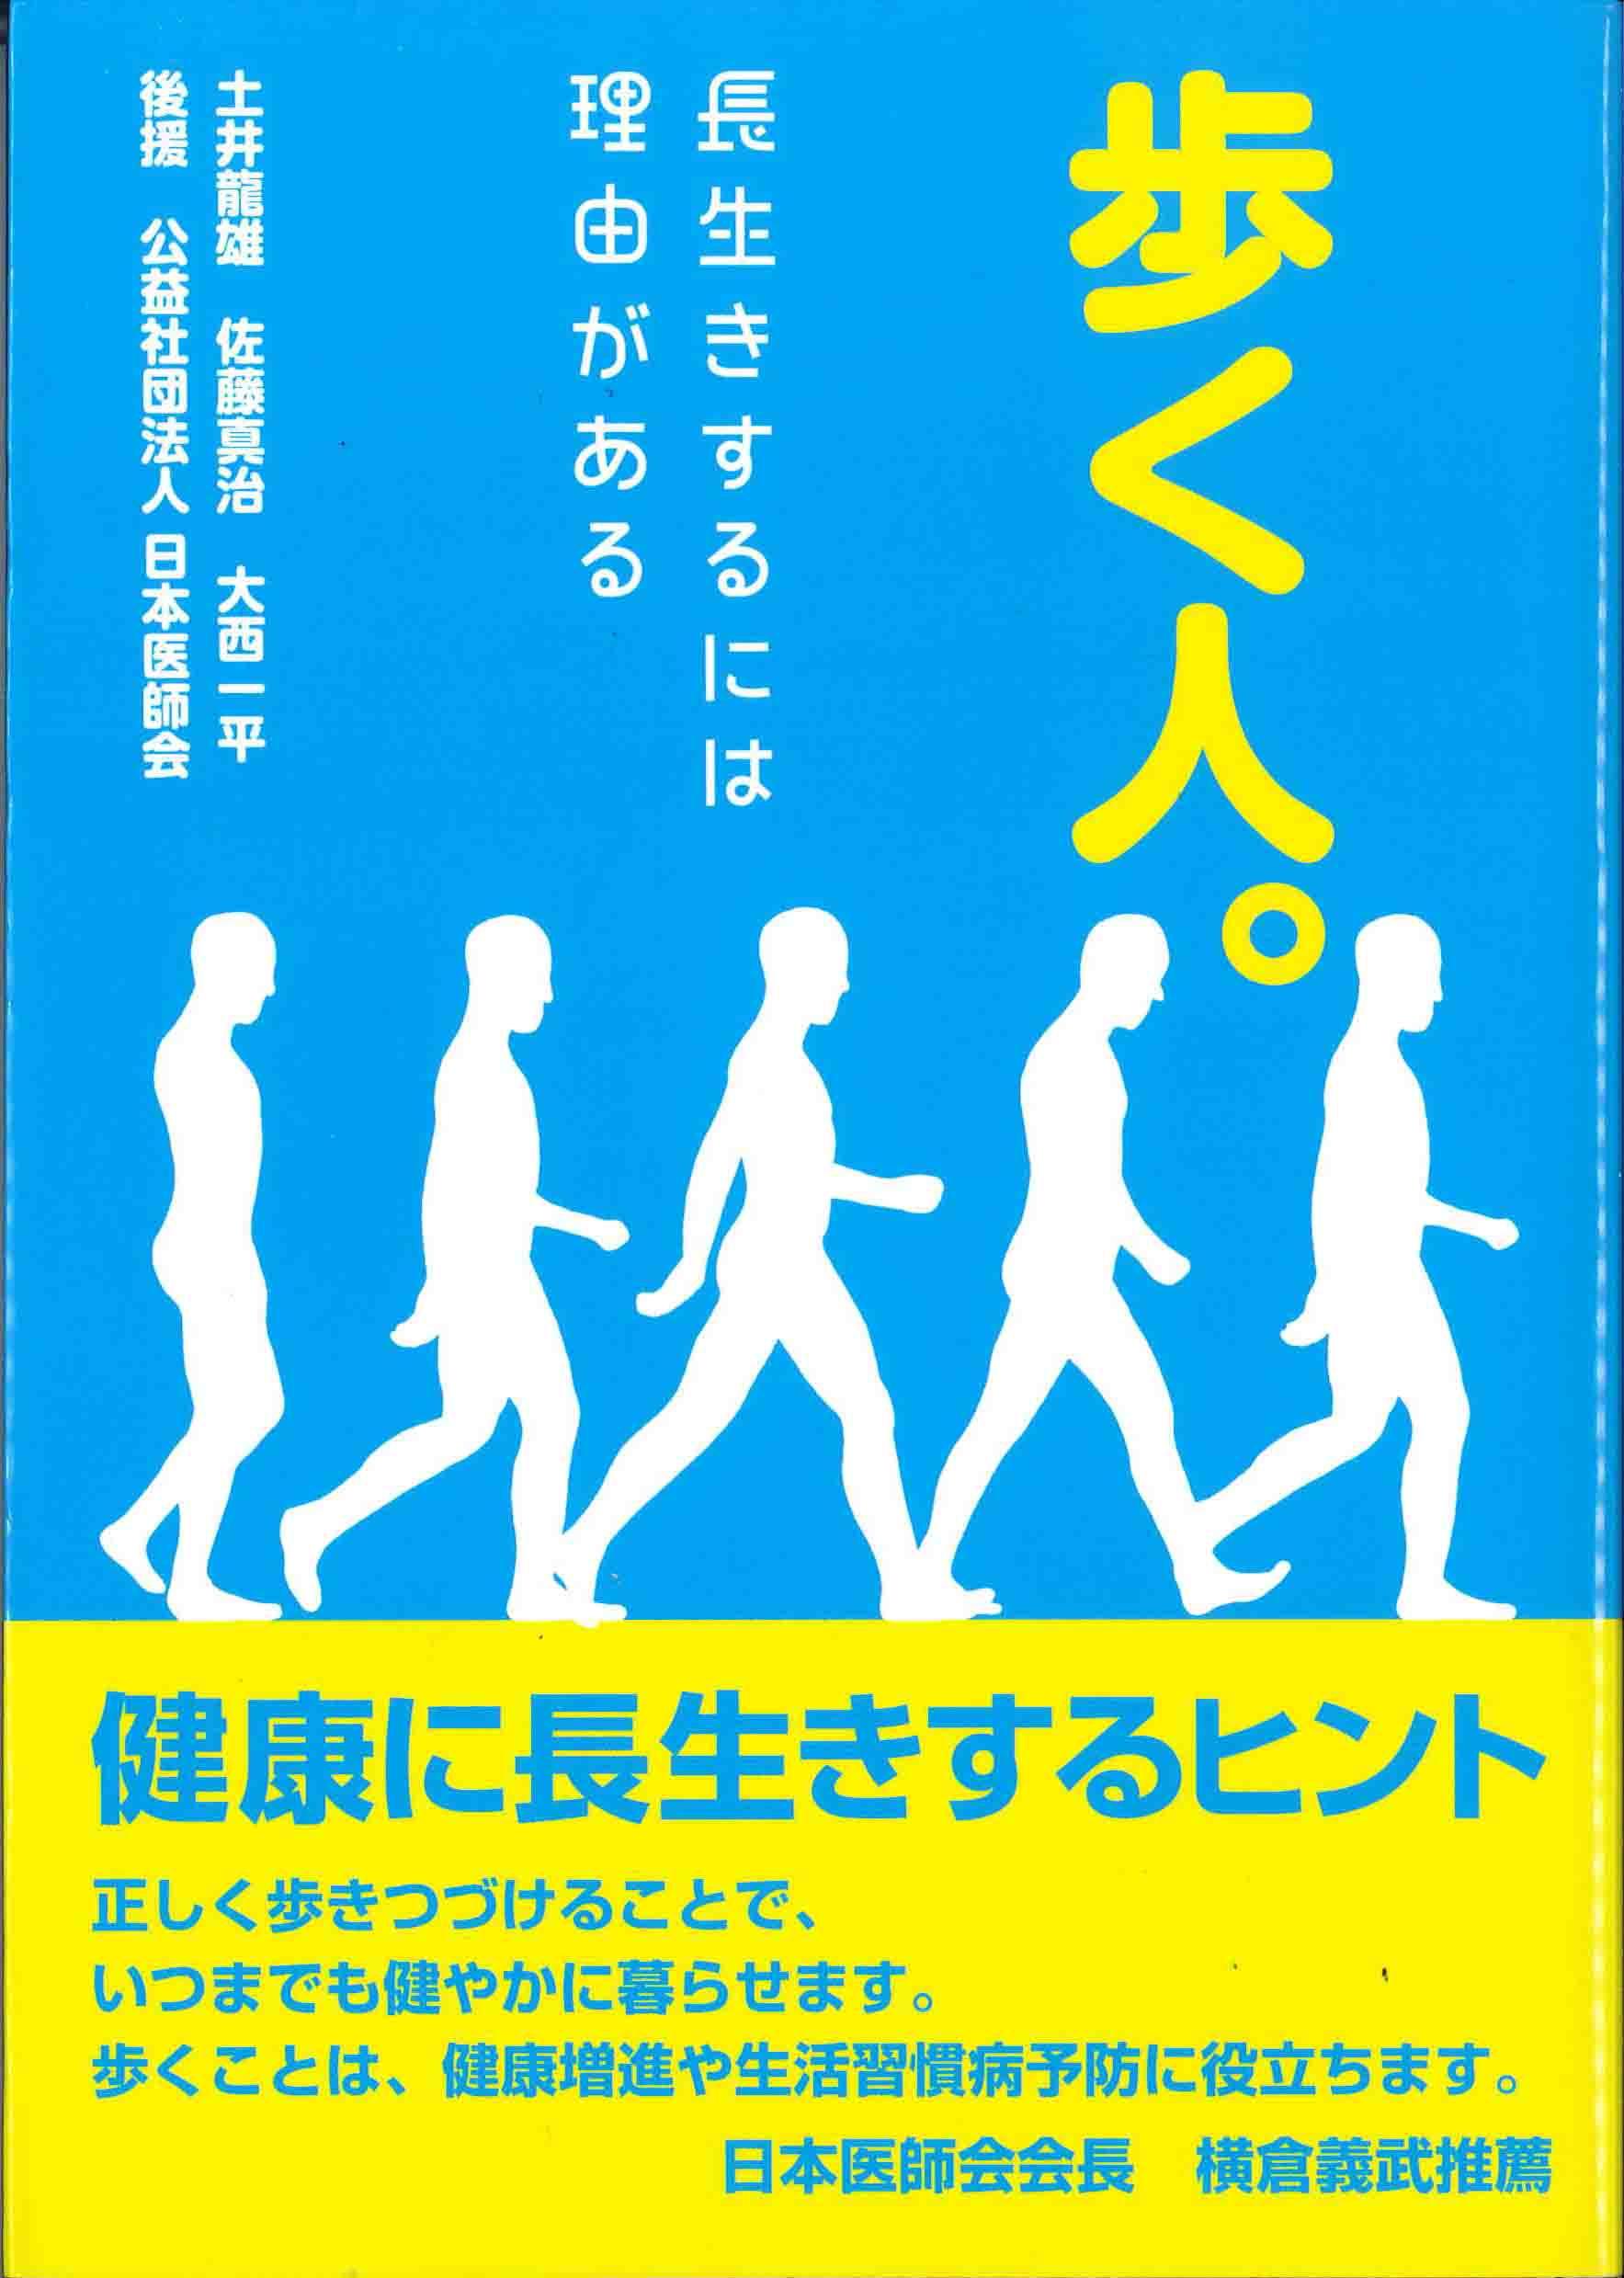 『歩く人。』